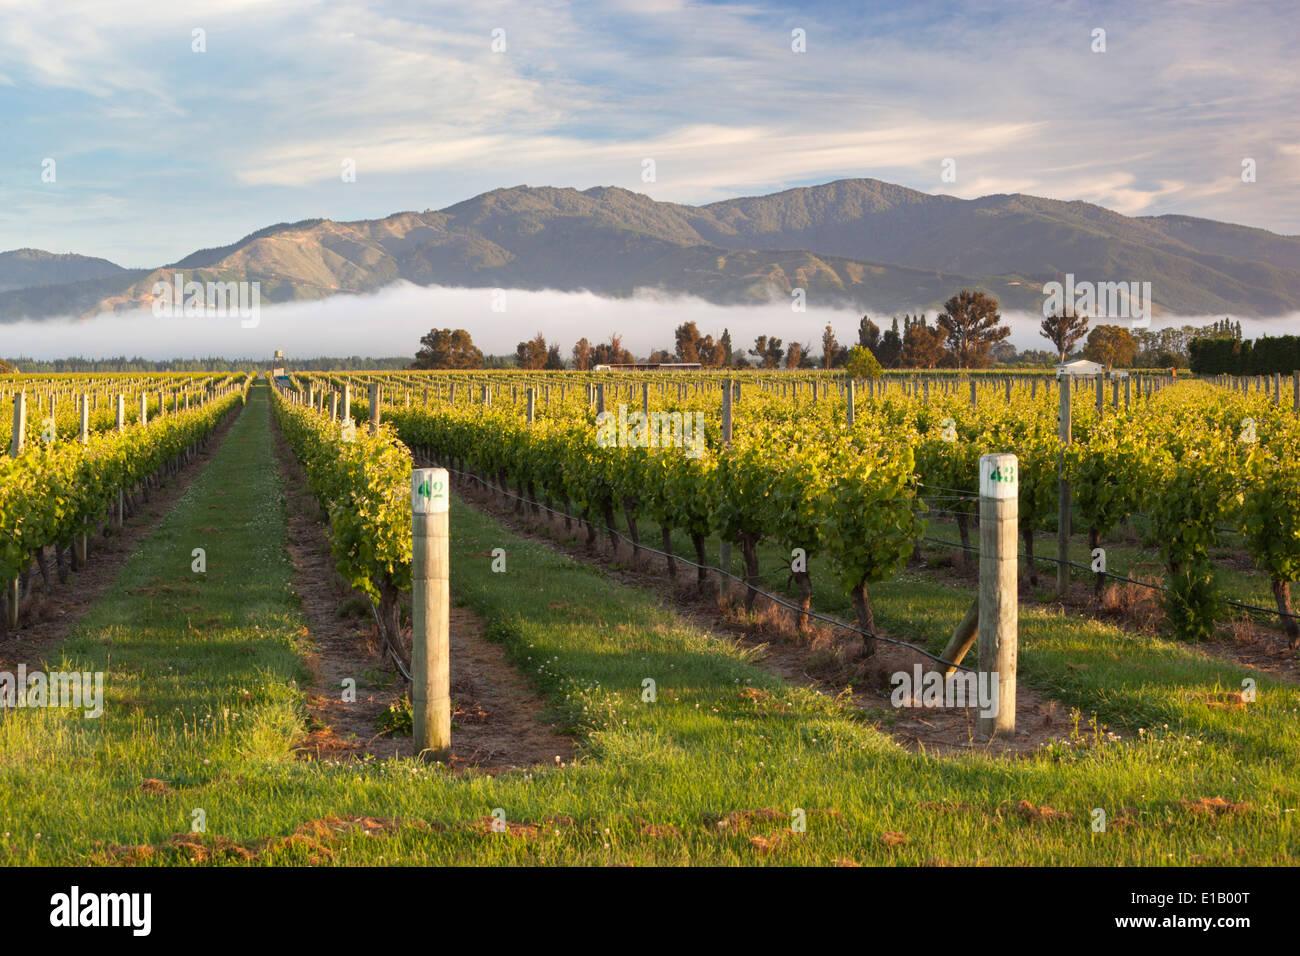 Weinberge im Morgennebel, Renwick, in der Nähe von Blenheim, Marlborough Region, Südinsel, Neuseeland, Südpazifik Stockfoto